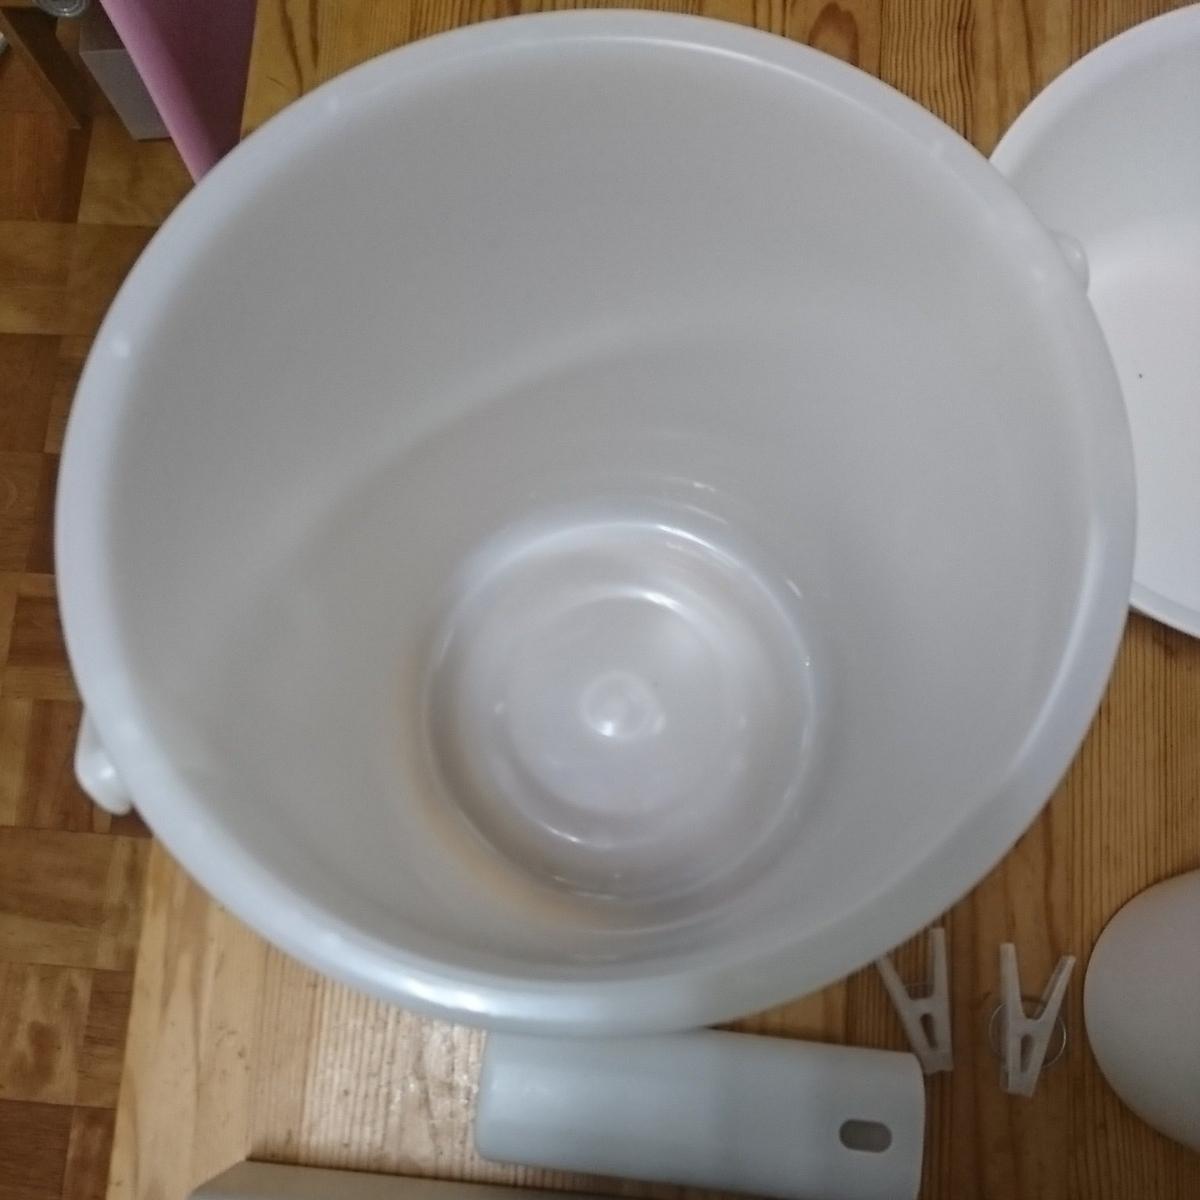 【無印良品】バケツ/洗面器/手桶/ハンディモップ/粘着コロコロ/スペア/洗濯バサミ★_画像3